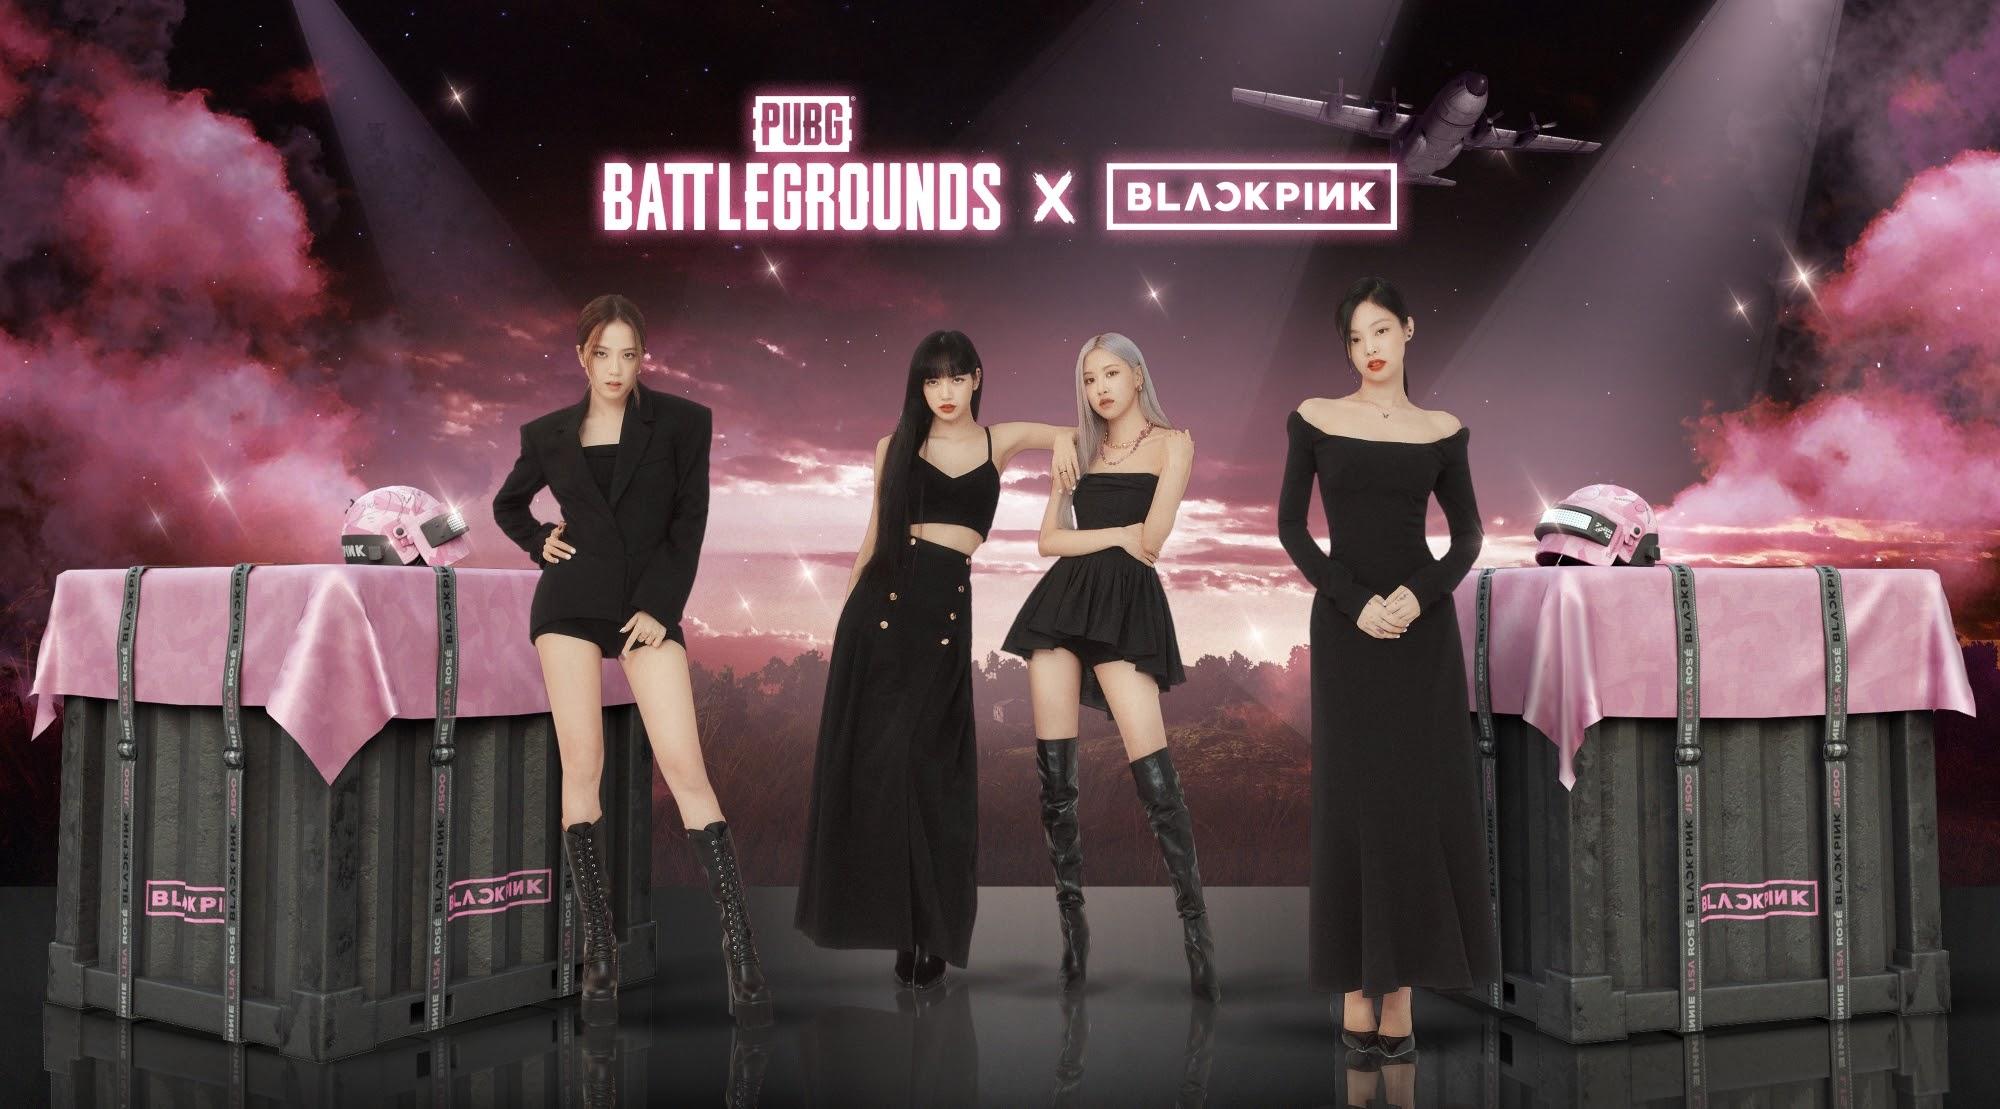 PUBG Battlegrounds Blackpink